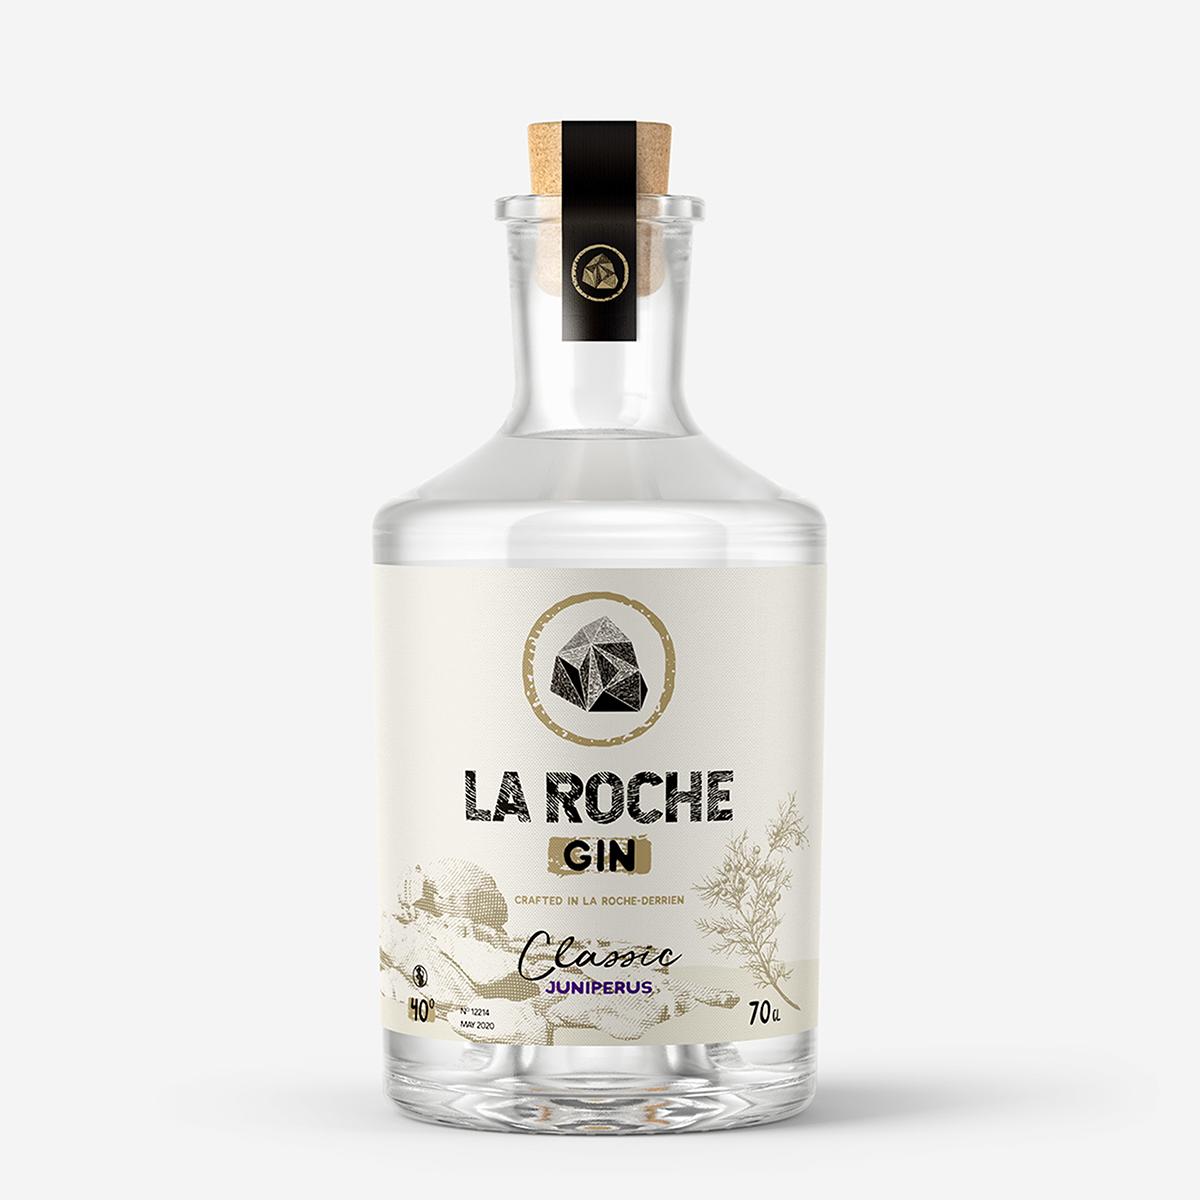 Gin La Roche - Sauvage